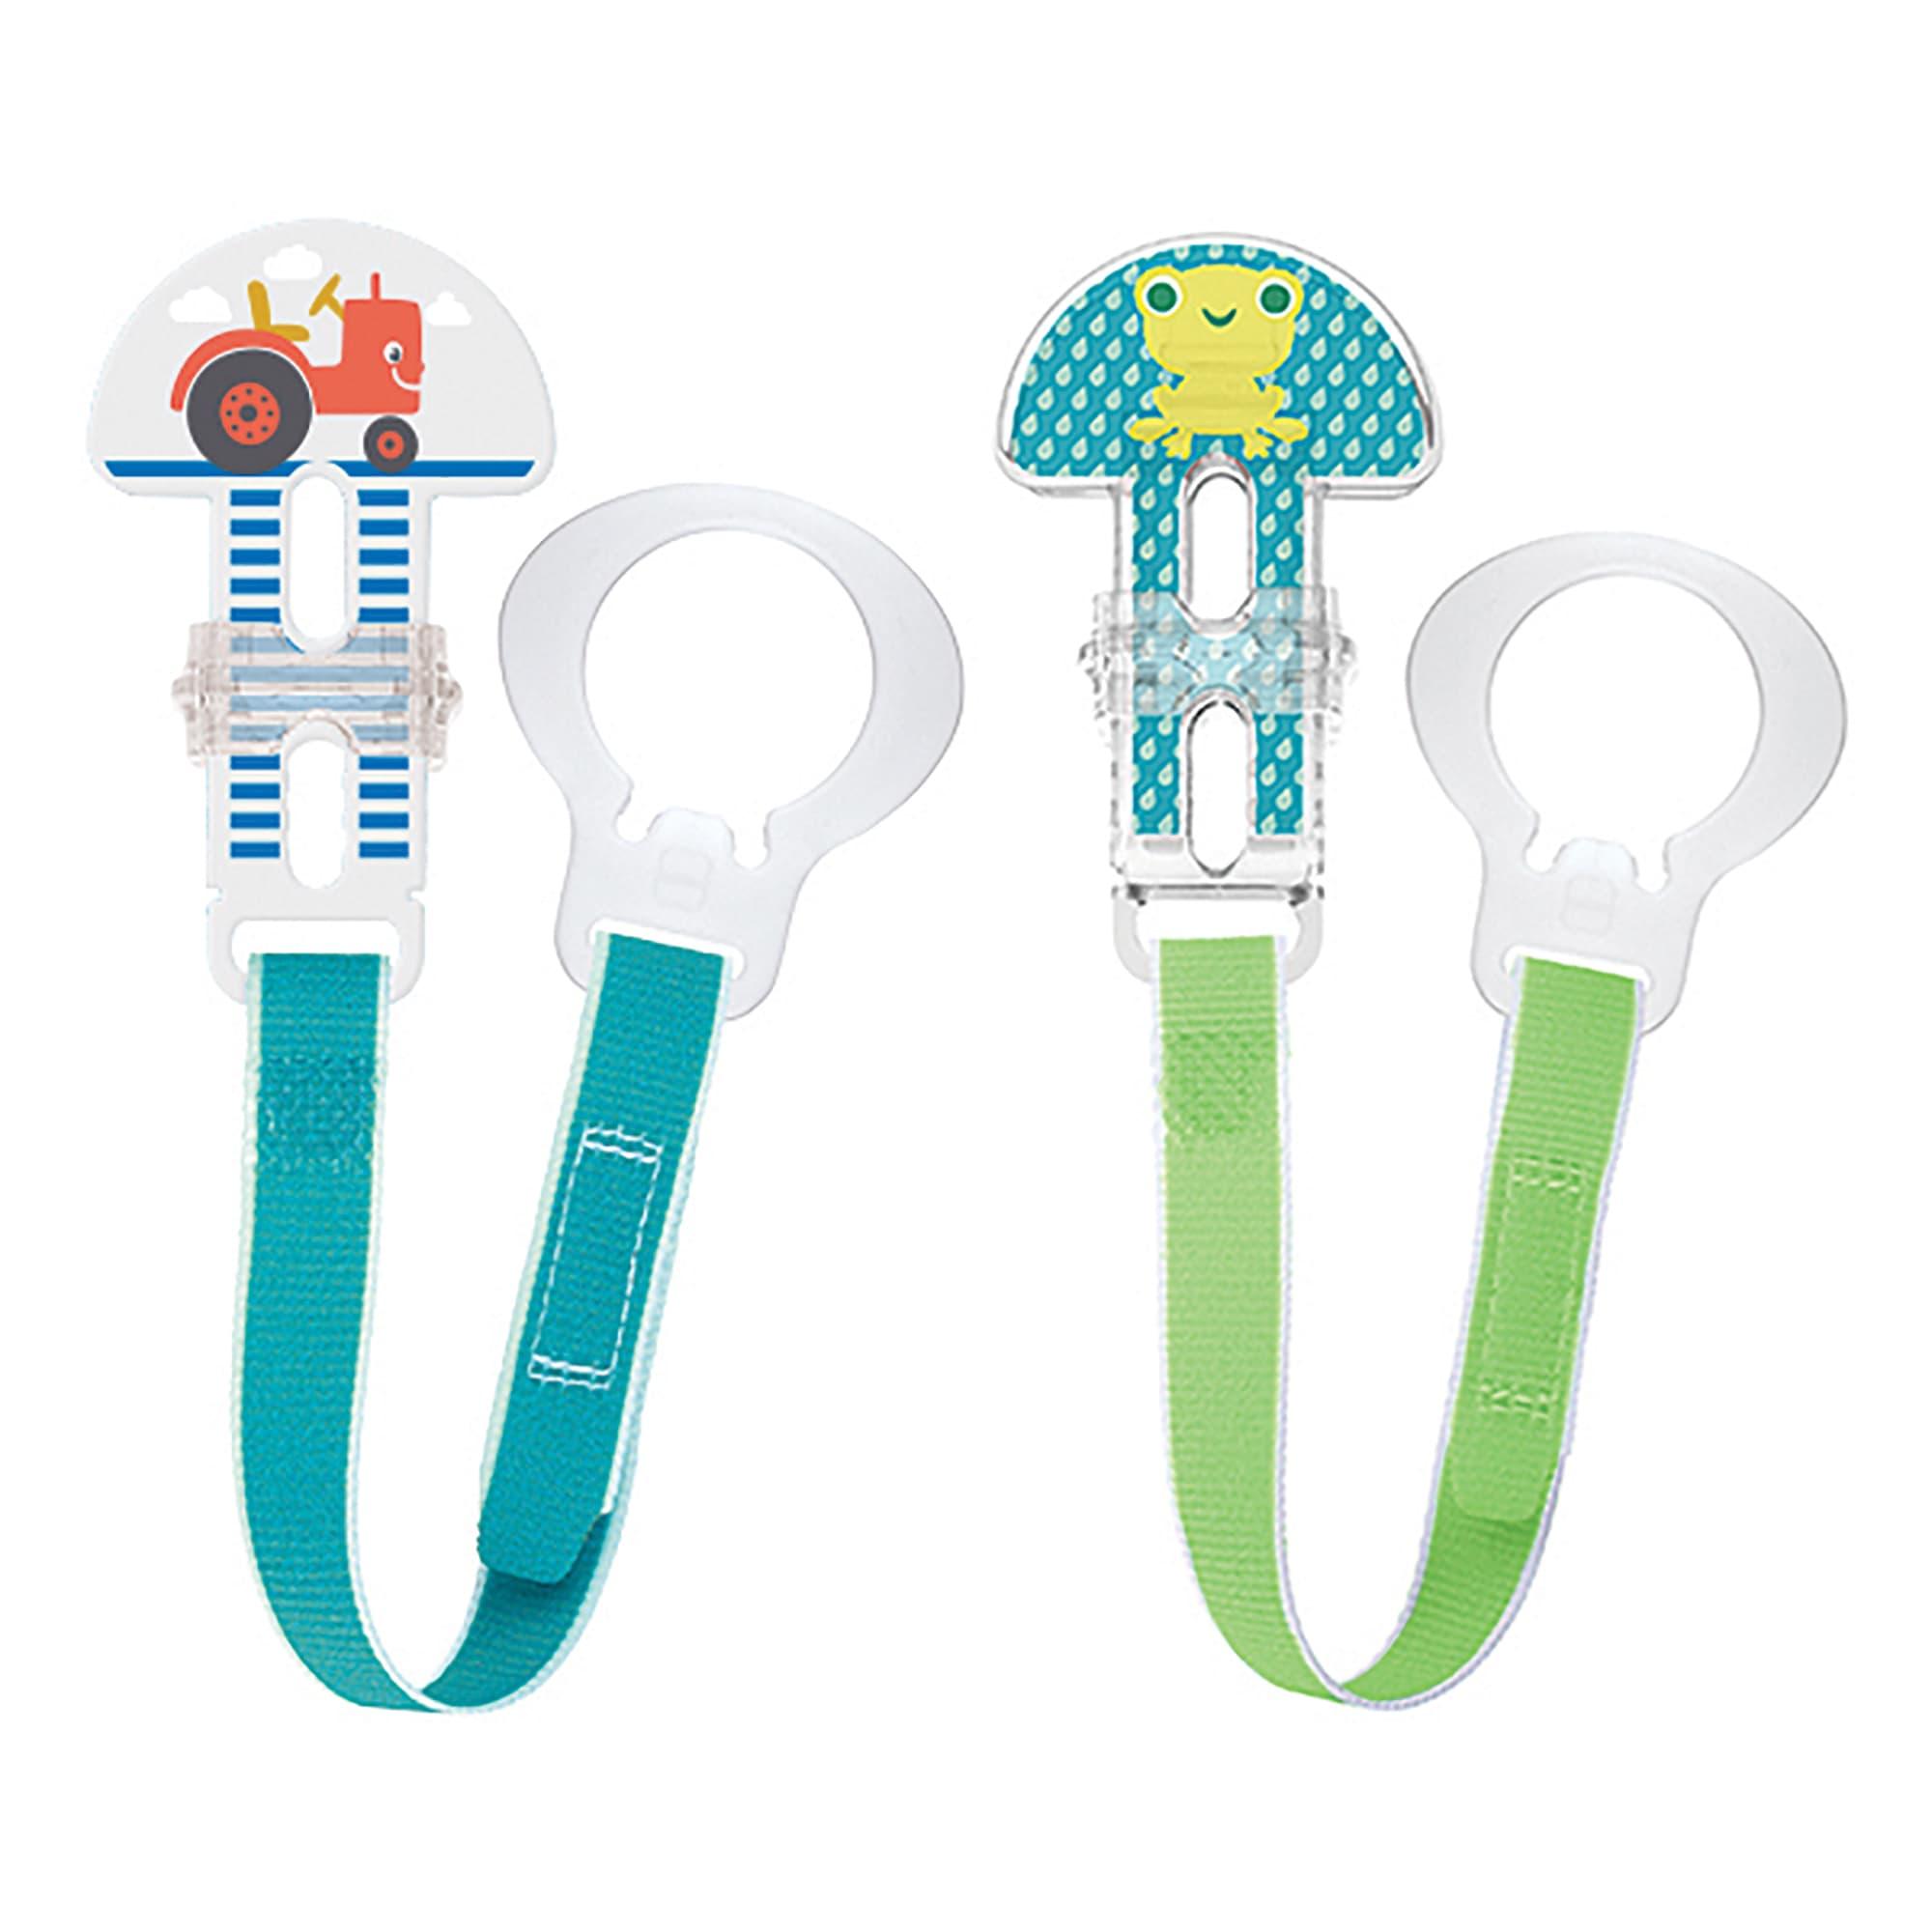 Pacifier Clip Set – 2 clips